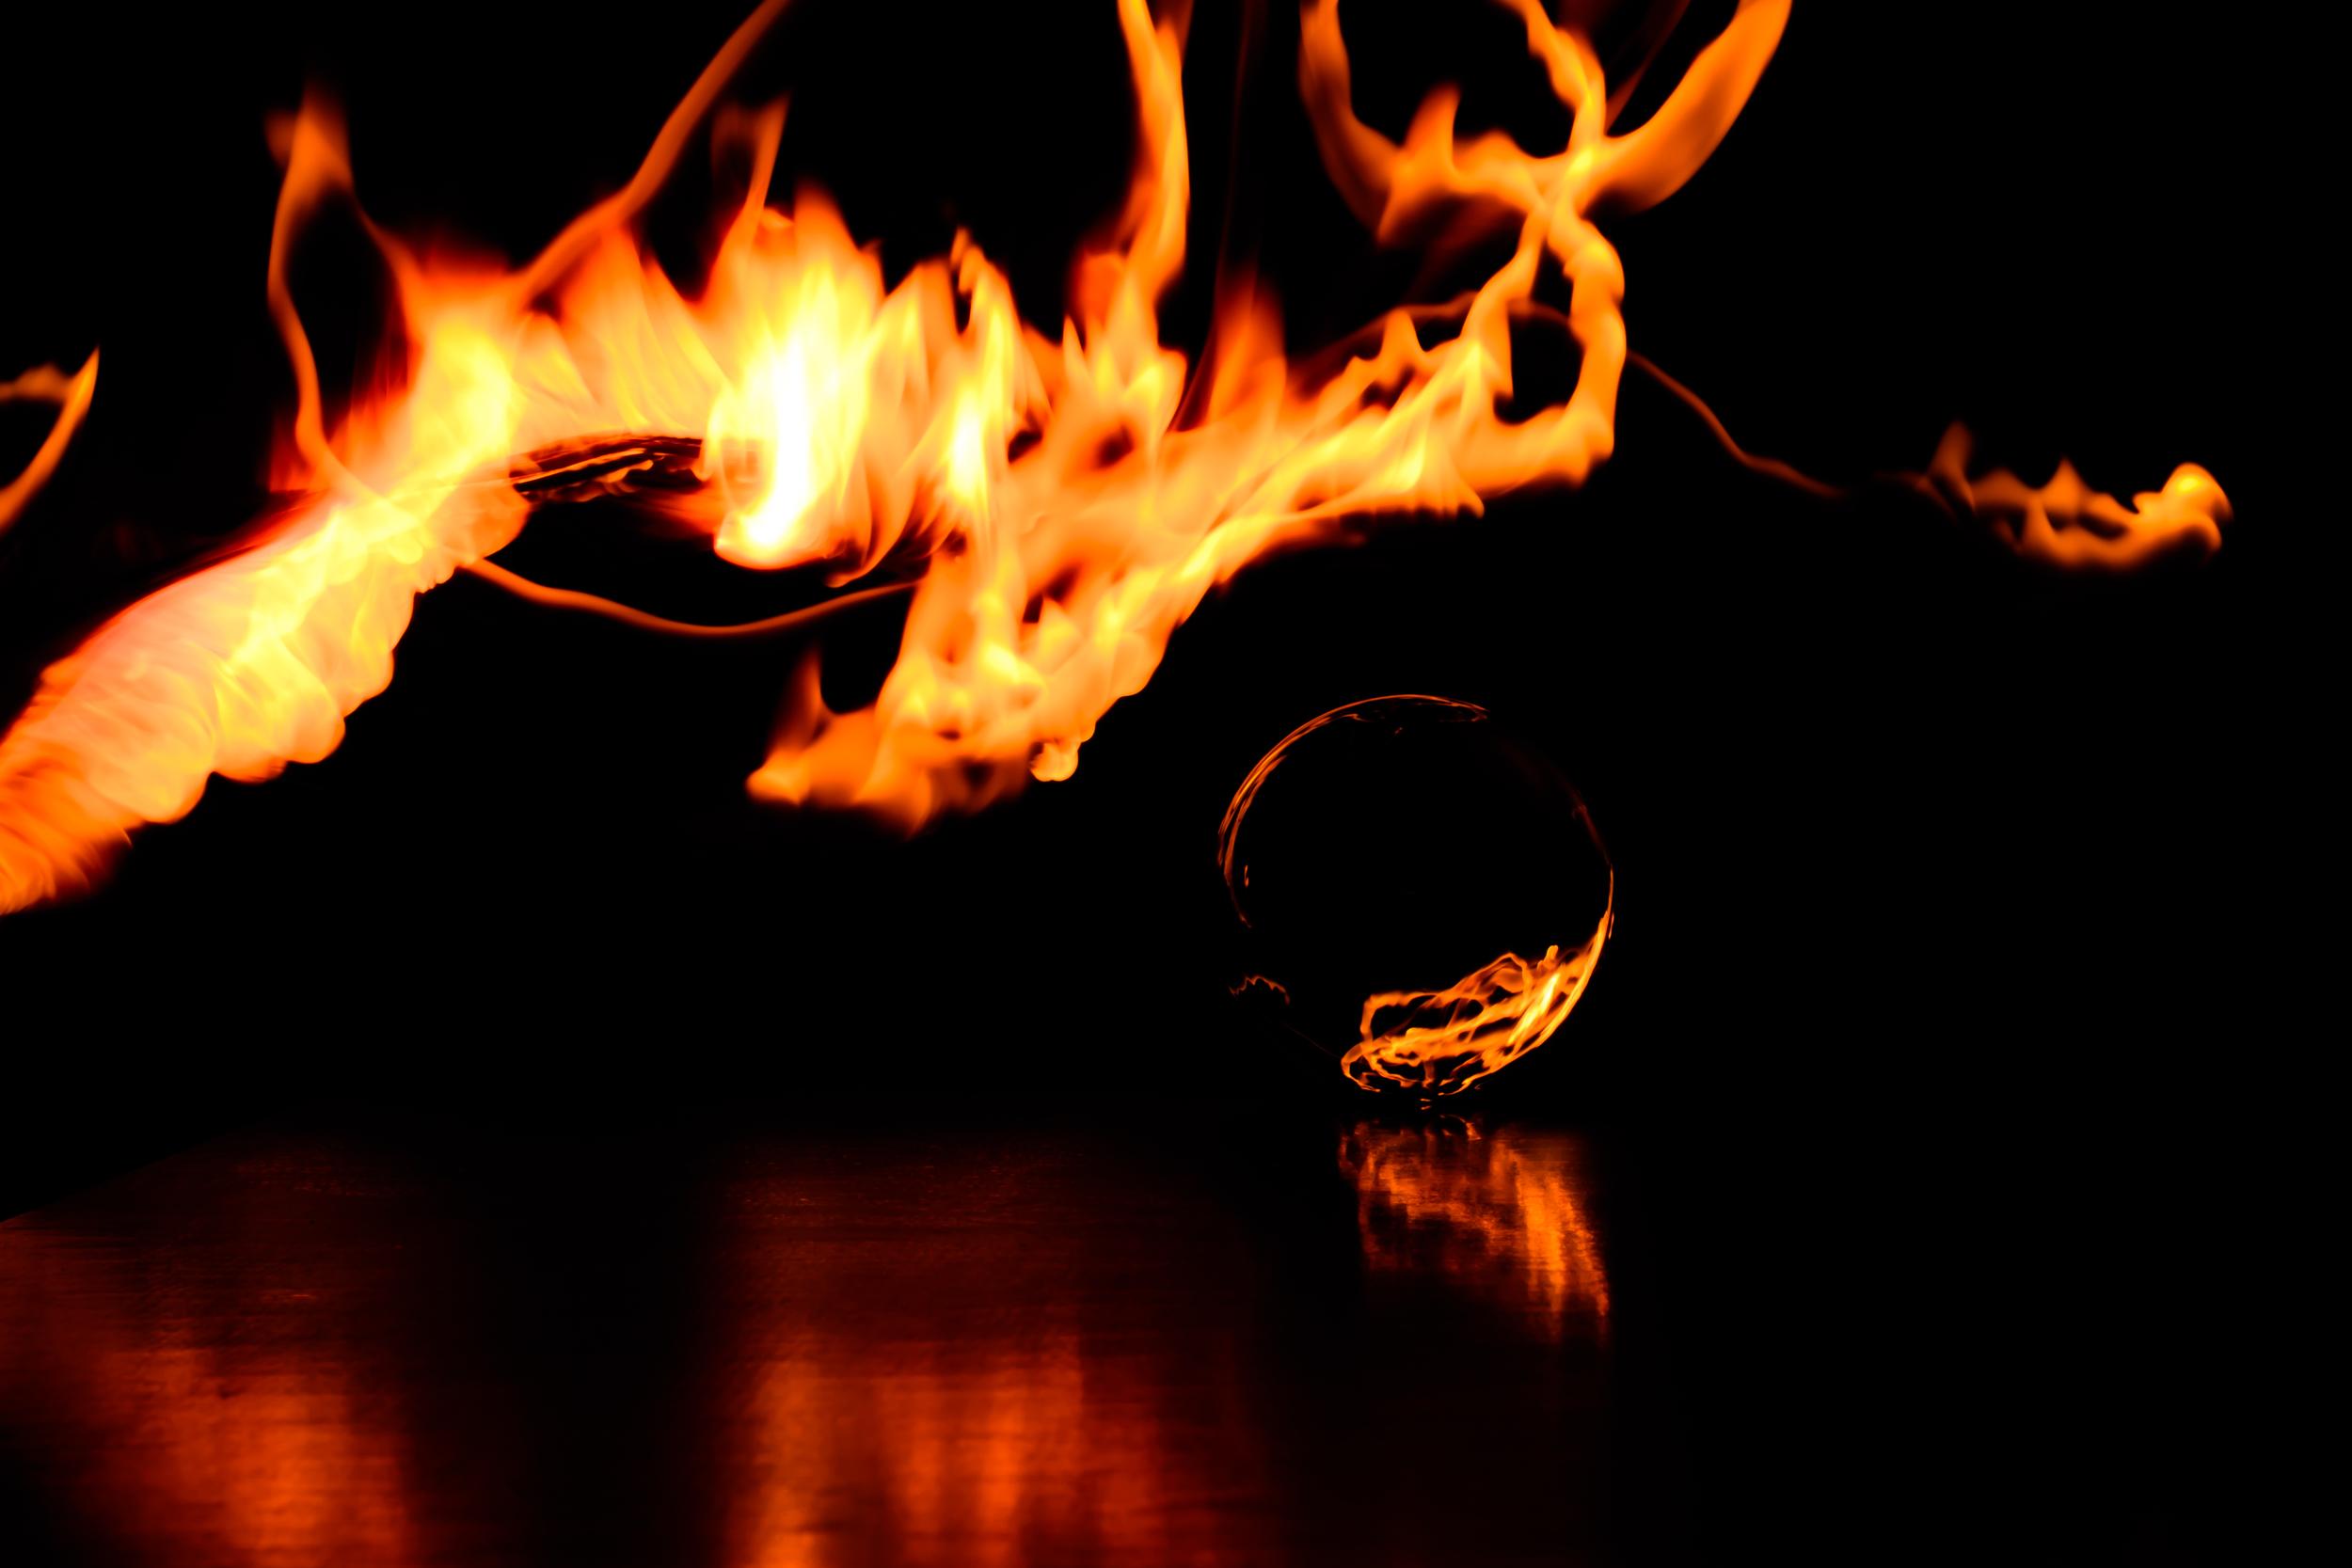 Viewfinder-spel-vuur-kristallen-bol-geheimzinnig-eigenzinnigie-fotografie-verschillende-lucifers